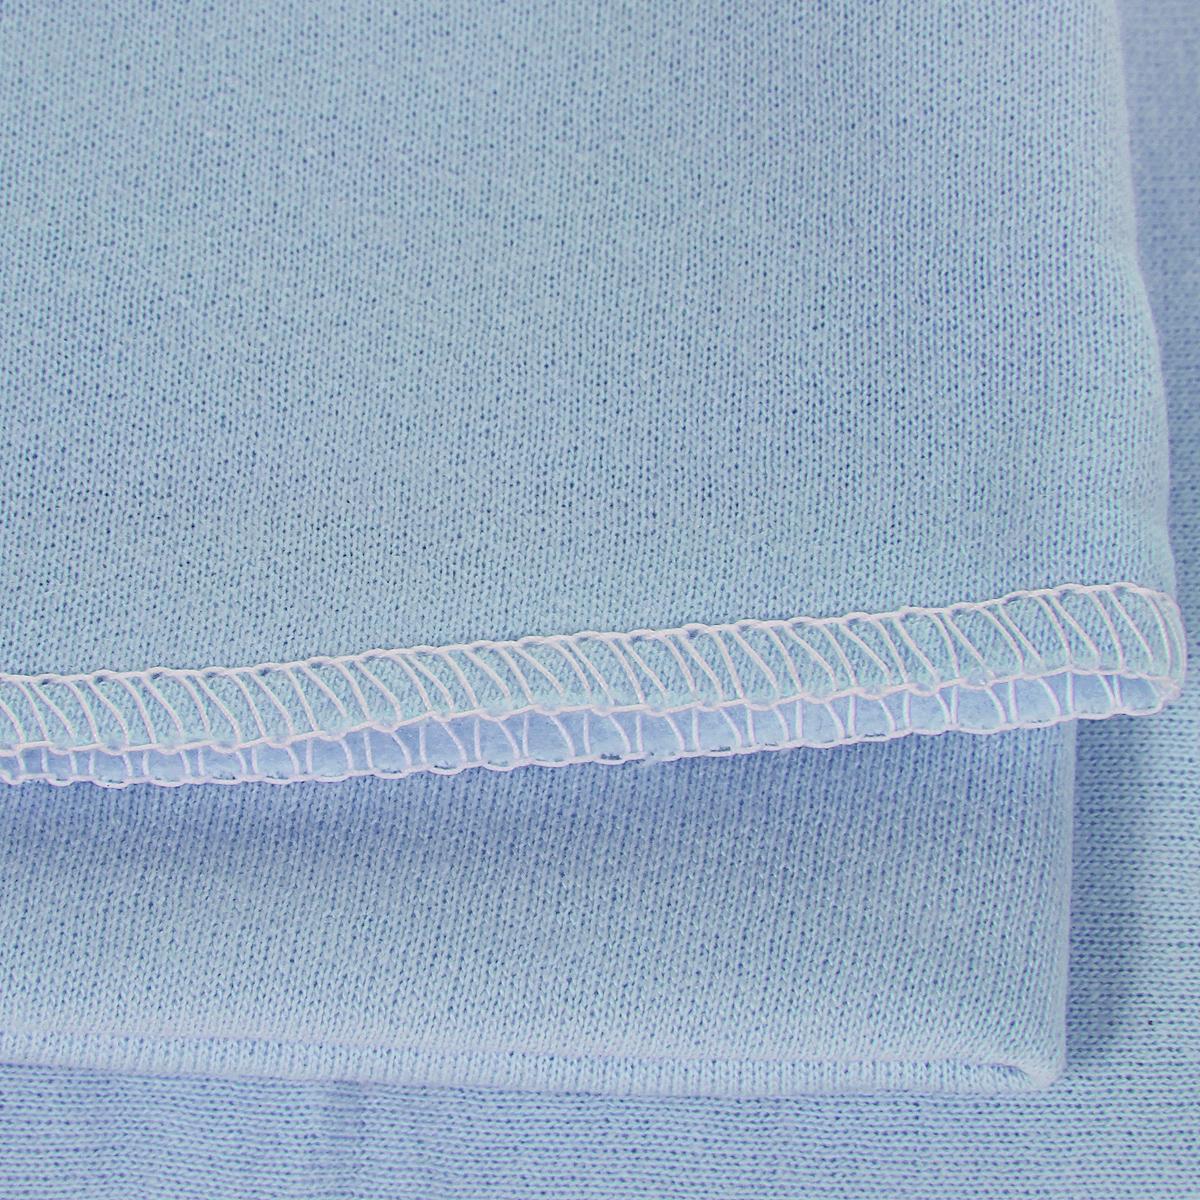 Трон-Плюс Пеленка детская цвет голубой 120 см х 90 см